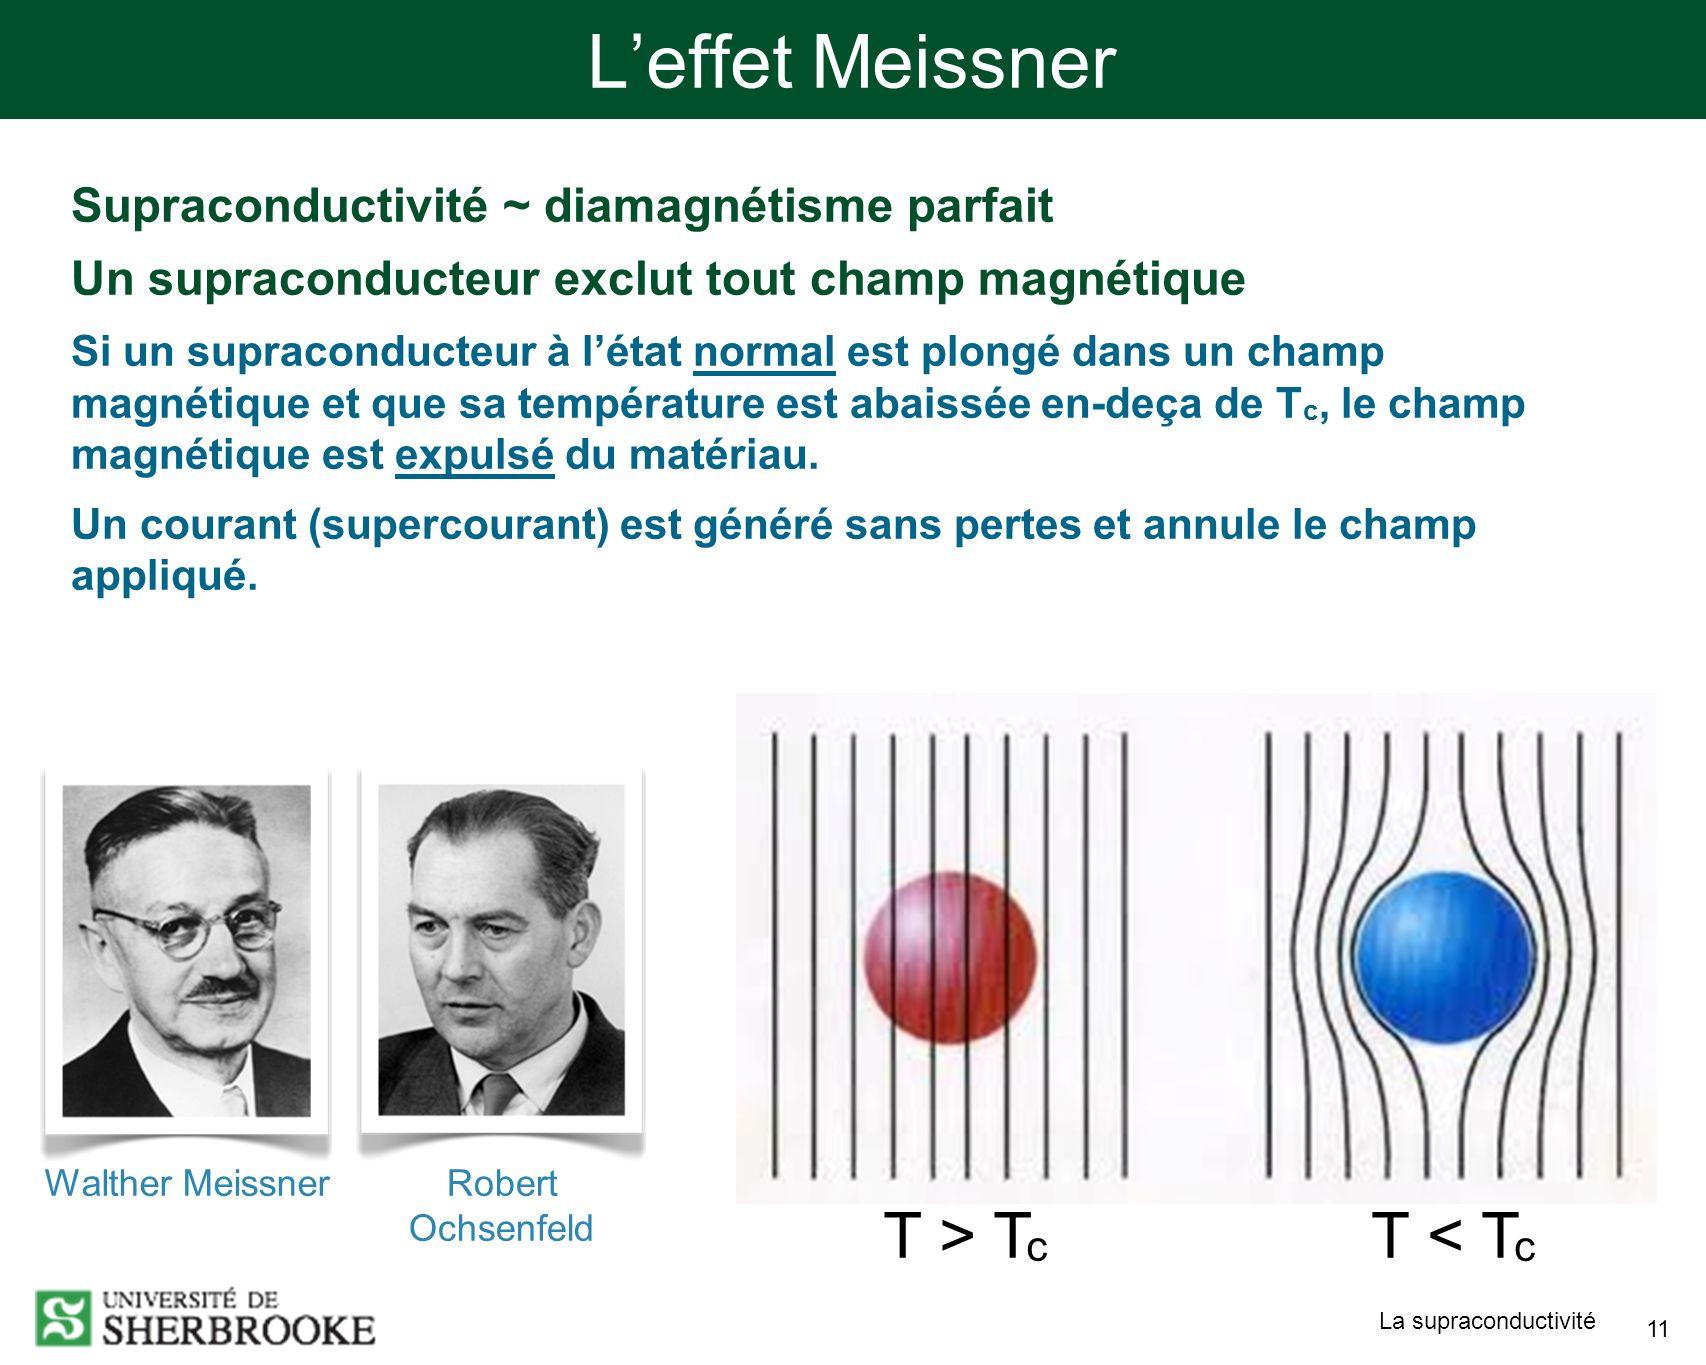 La supraconductivité 11 Leffet Meissner Supraconductivité ~ diamagnétisme parfait Un supraconducteur exclut tout champ magnétique Si un supraconducteur à létat normal est plongé dans un champ magnétique et que sa température est abaissée en-deça de T c, le champ magnétique est expulsé du matériau.